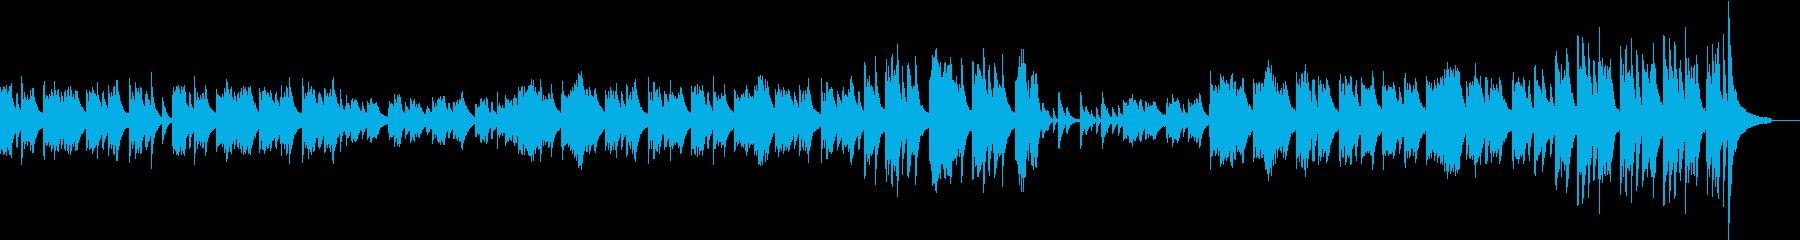 出会いを表現したピアノの再生済みの波形